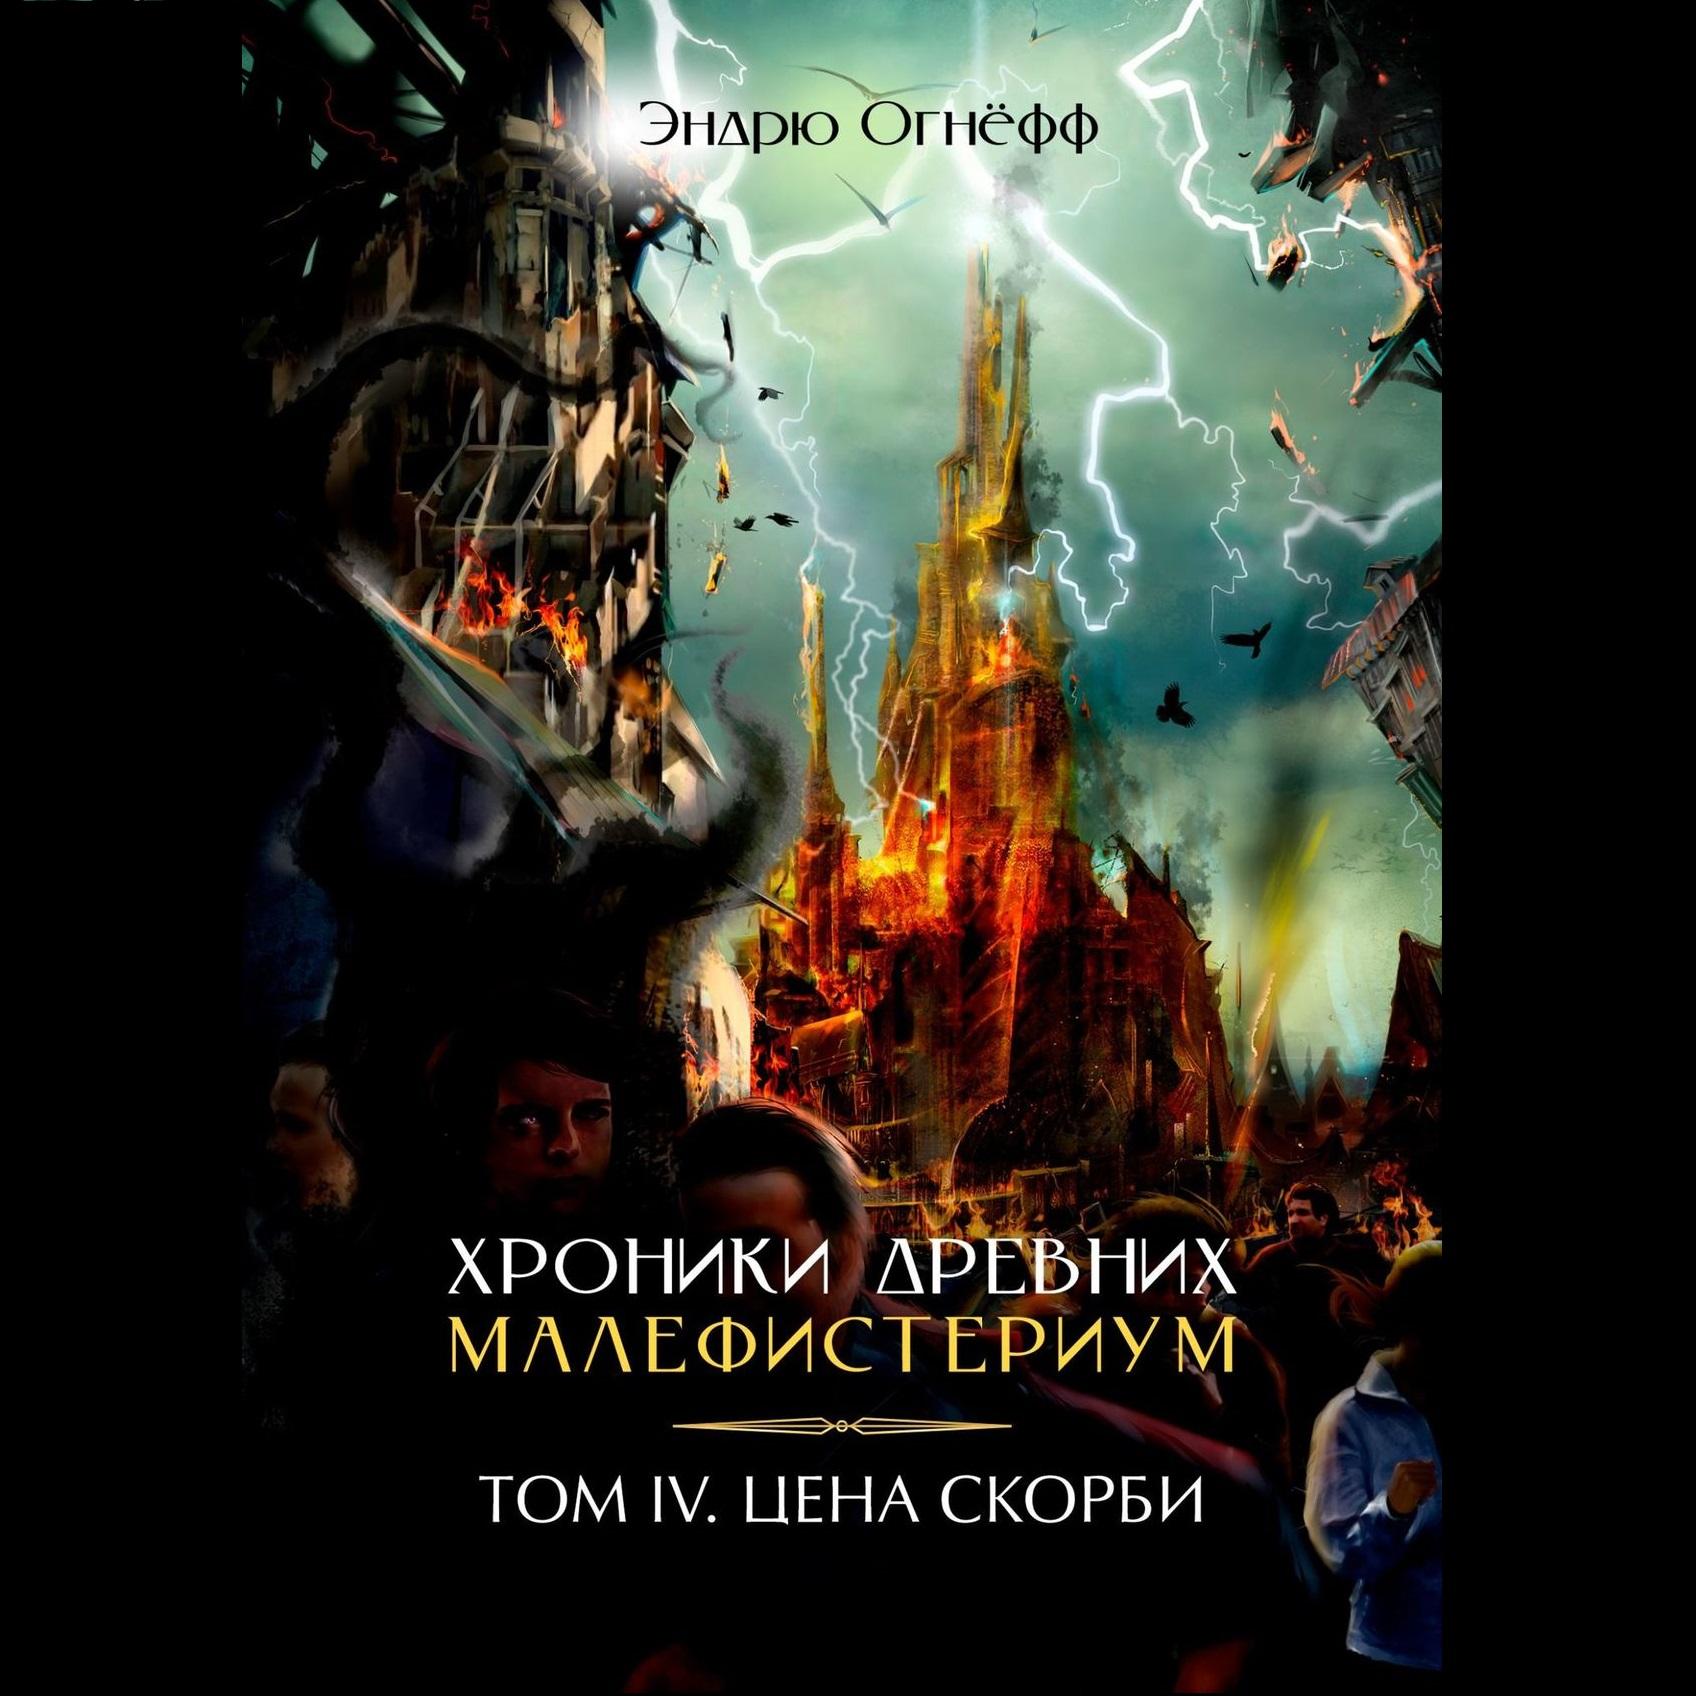 Купить книгу Хроники Древних Малефистериум. Том IV. Цена Скорби, автора Эндрю Огнёва